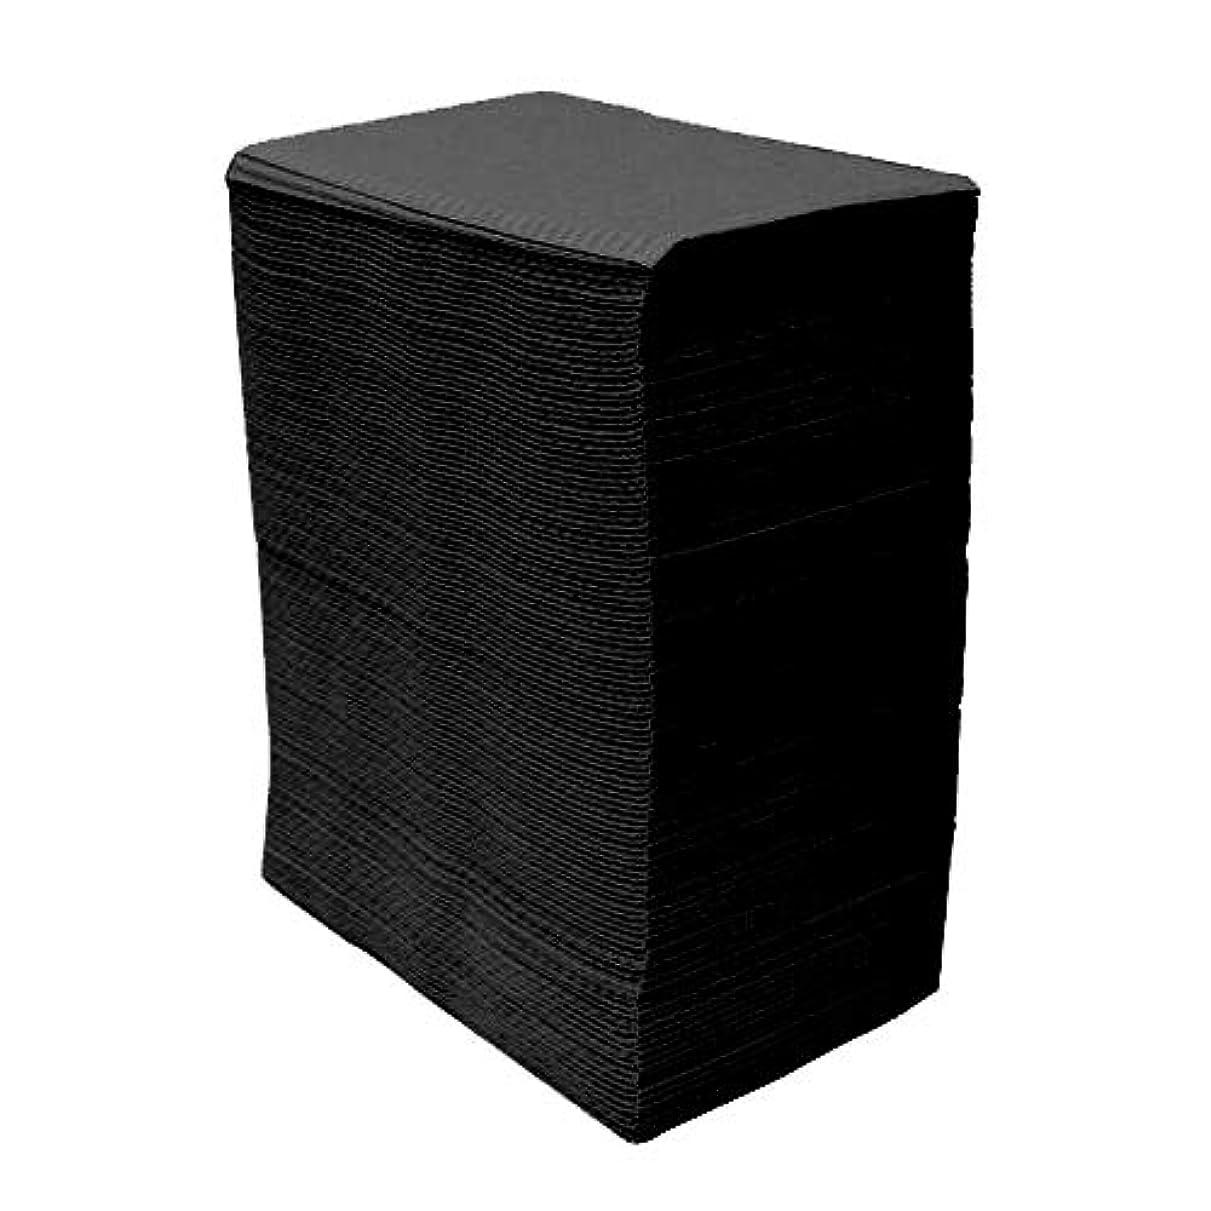 使役寛容なキー【125枚入】ネイルテーブルシート (ブラック) 防水加工 ジェルネイル ネイルペーパー ネイルマット 防水ネイルシート